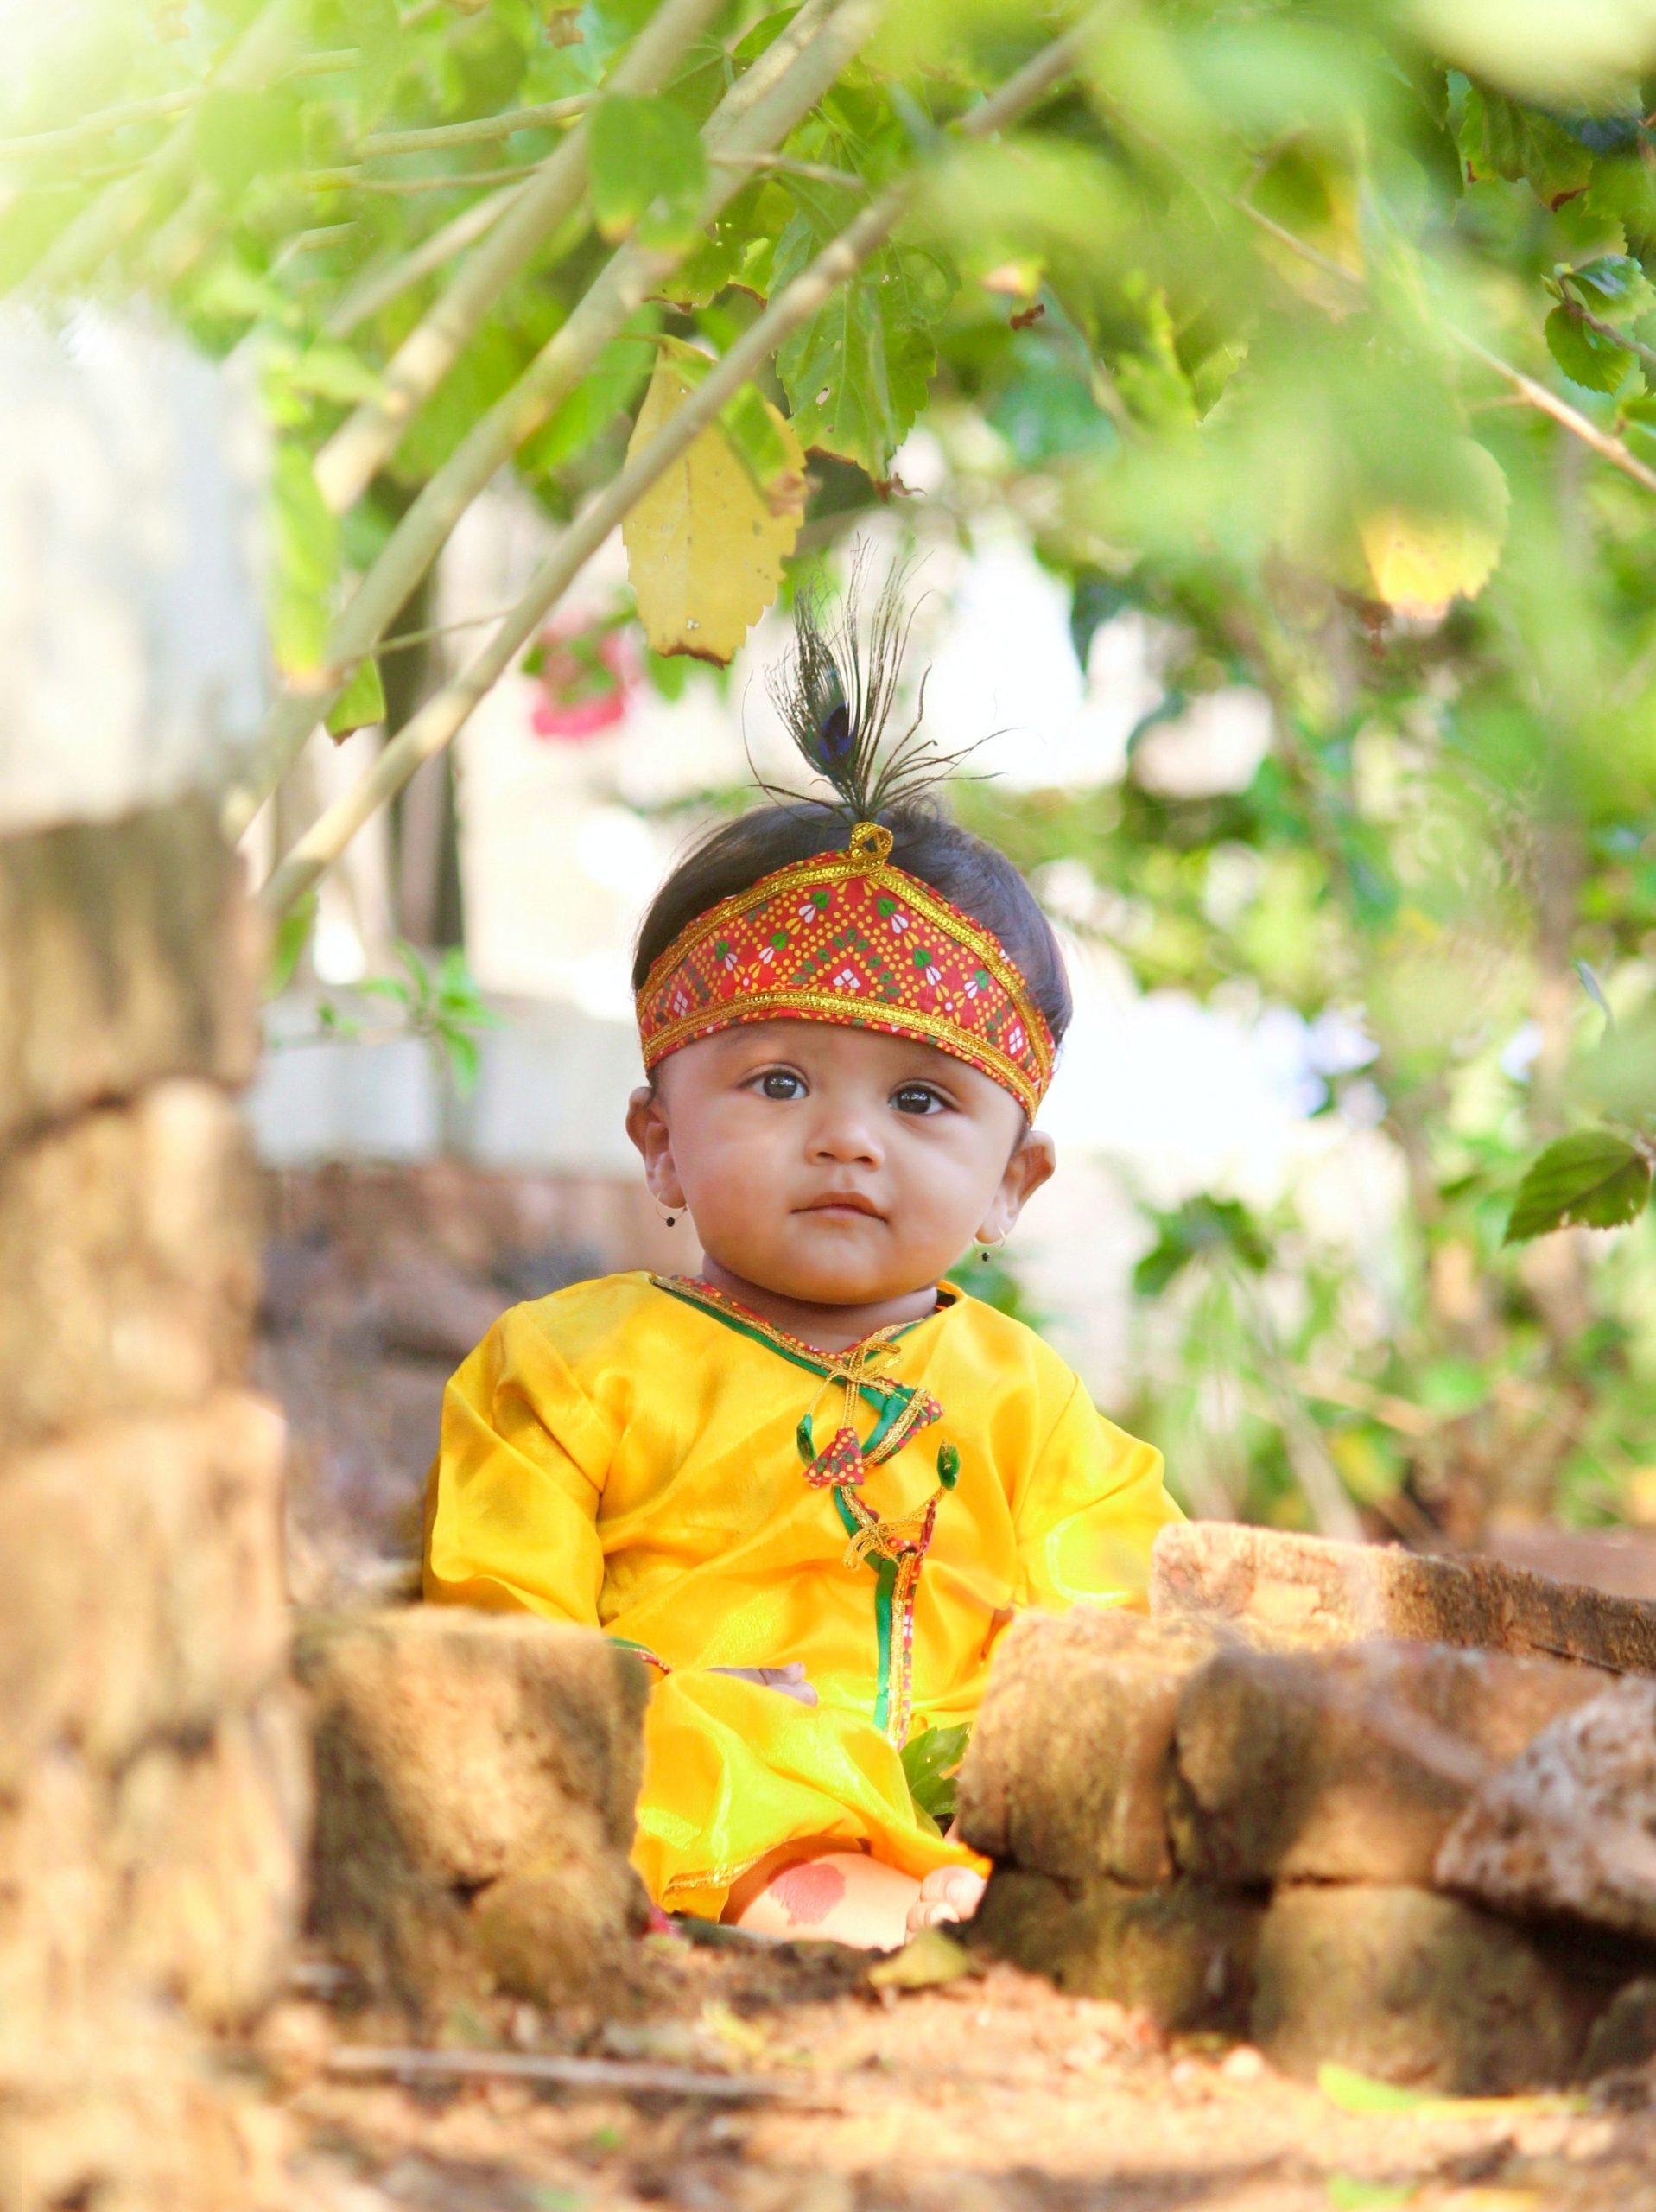 Little Kid in Krishna outfit